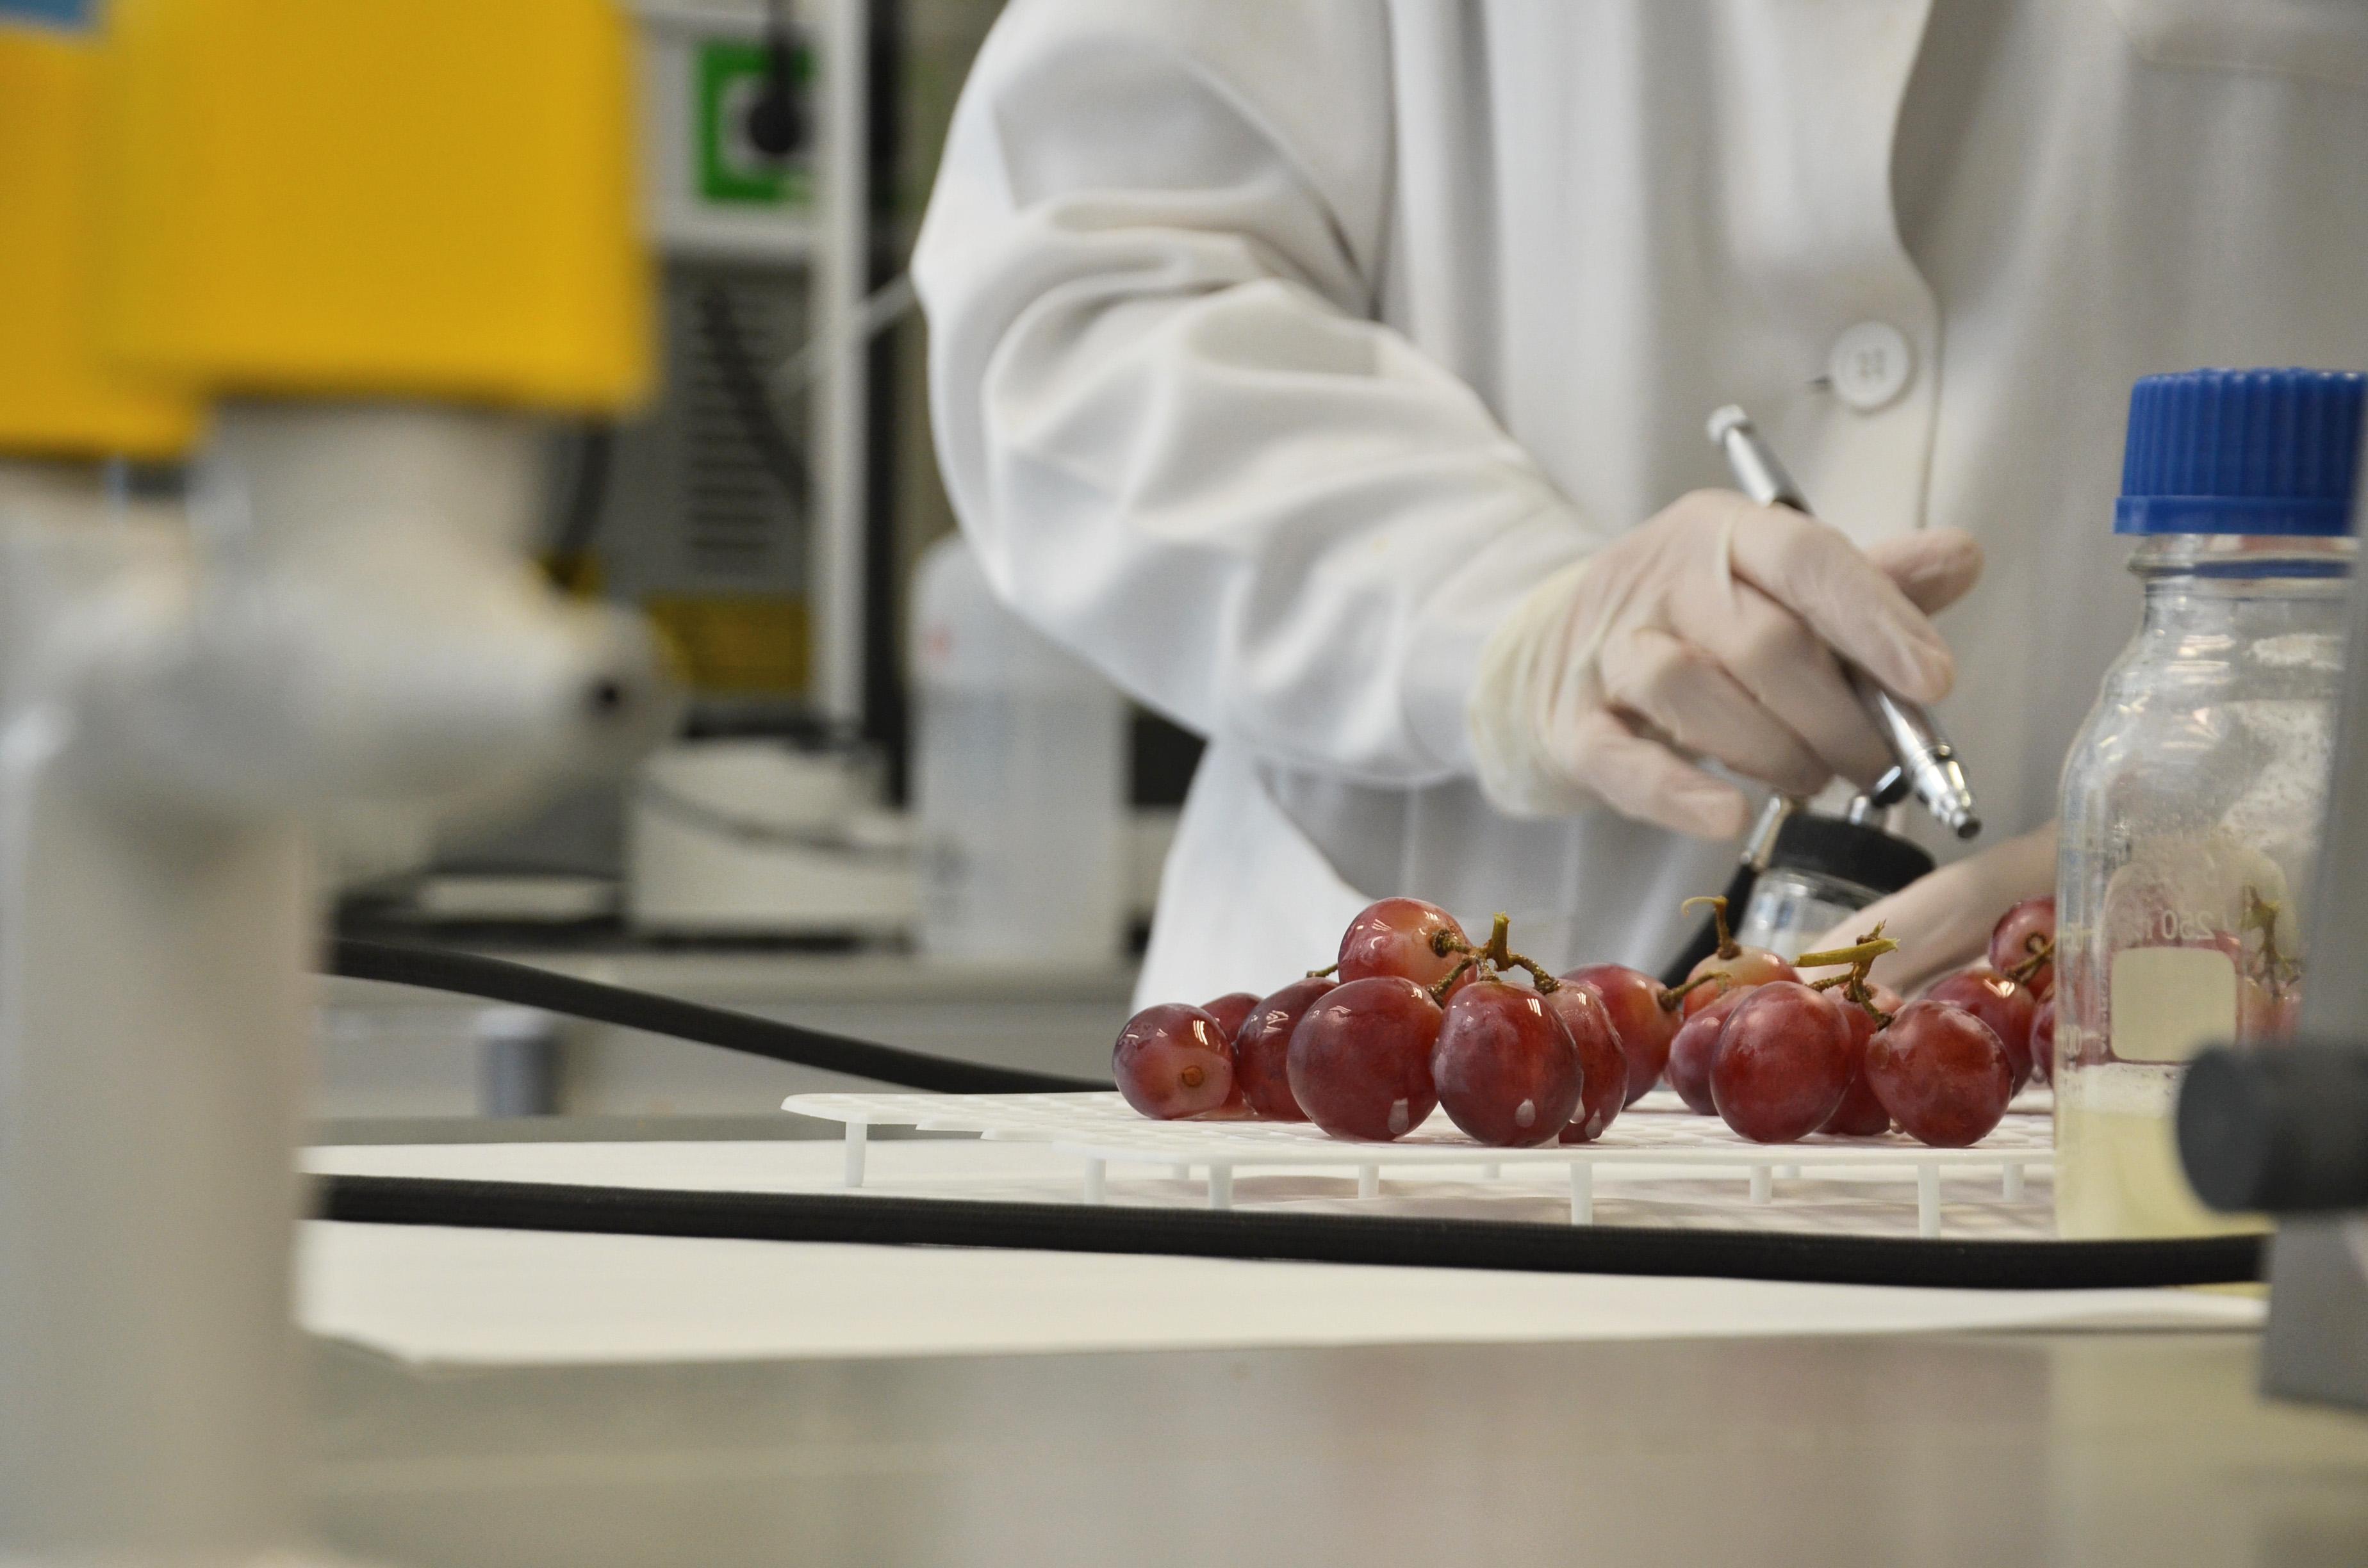 Mejora del control biológico de la podredumbre de la uva como alternativa a los fungicidas químicos